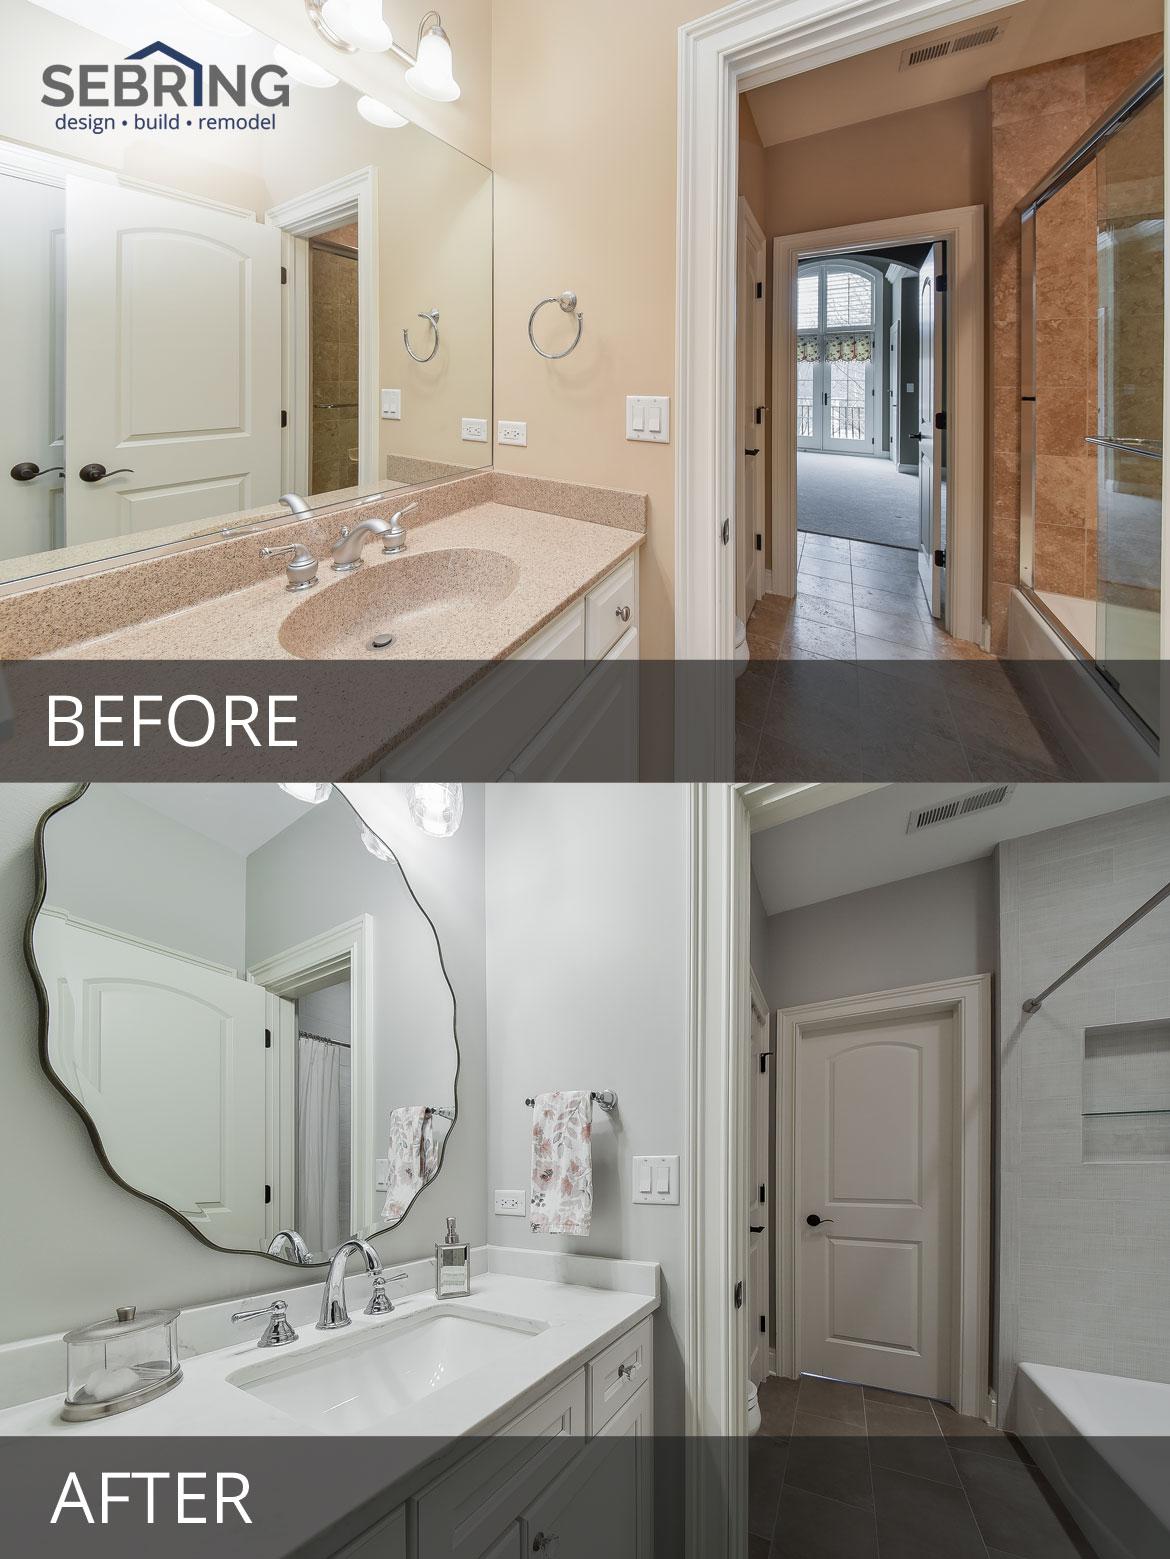 Naperville Whole House Remodel - Sebring Design Build